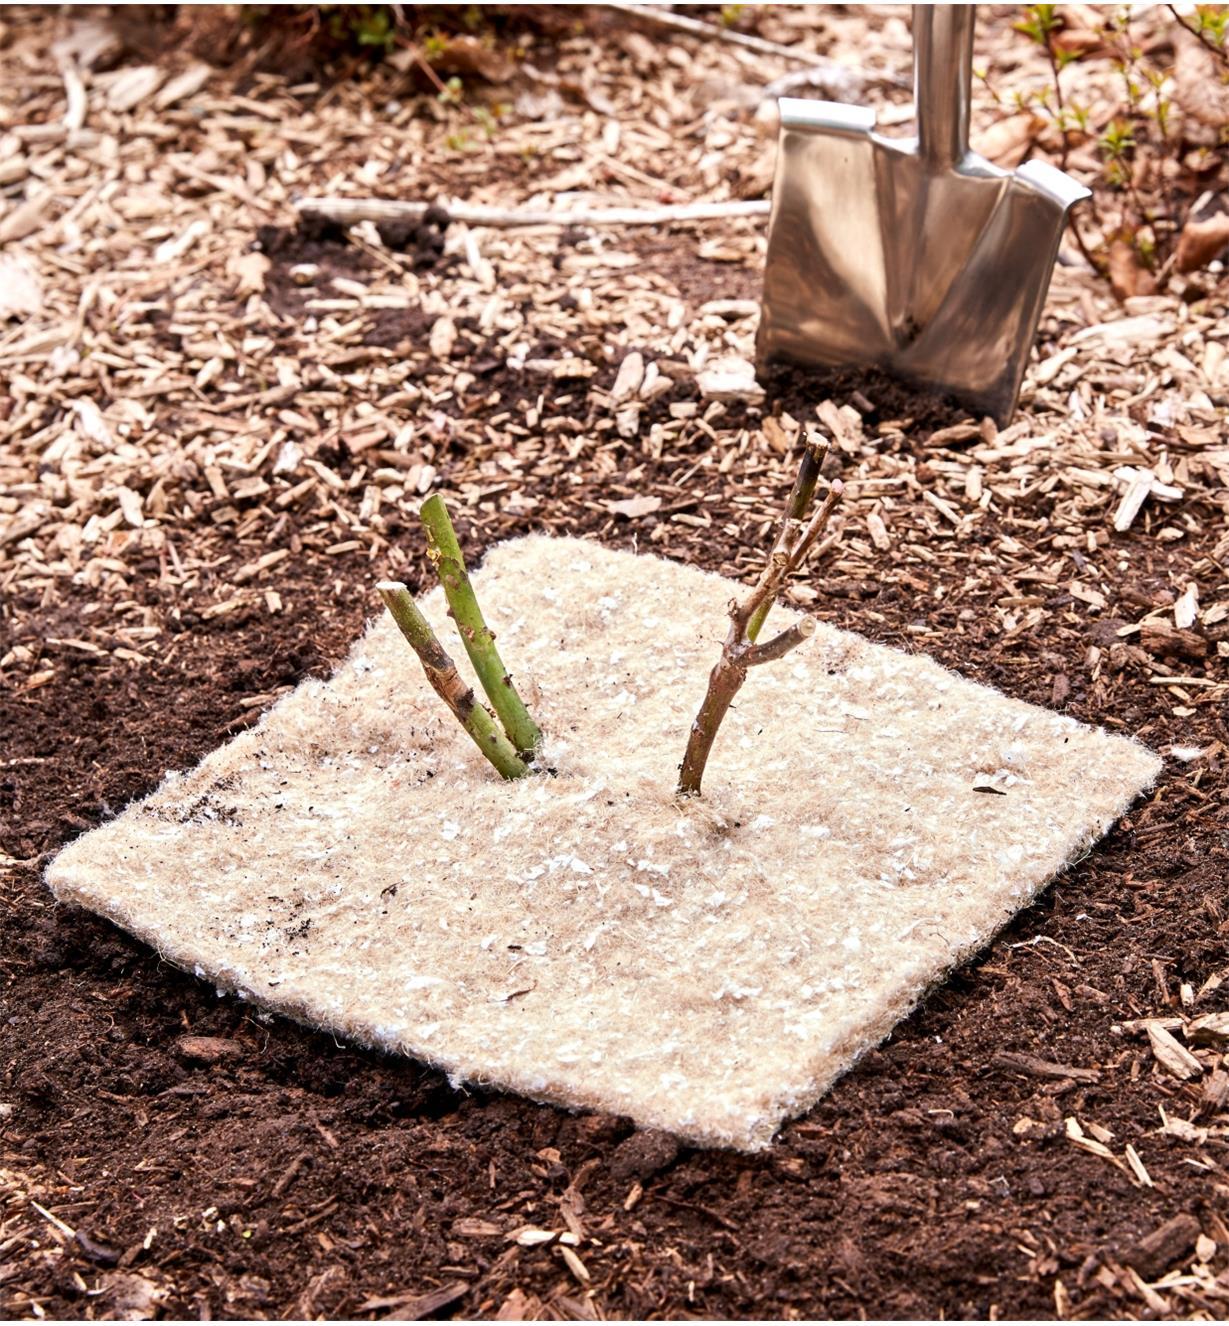 Tapis anti-mauvaises herbes autour de la base d'un rosier récemment planté